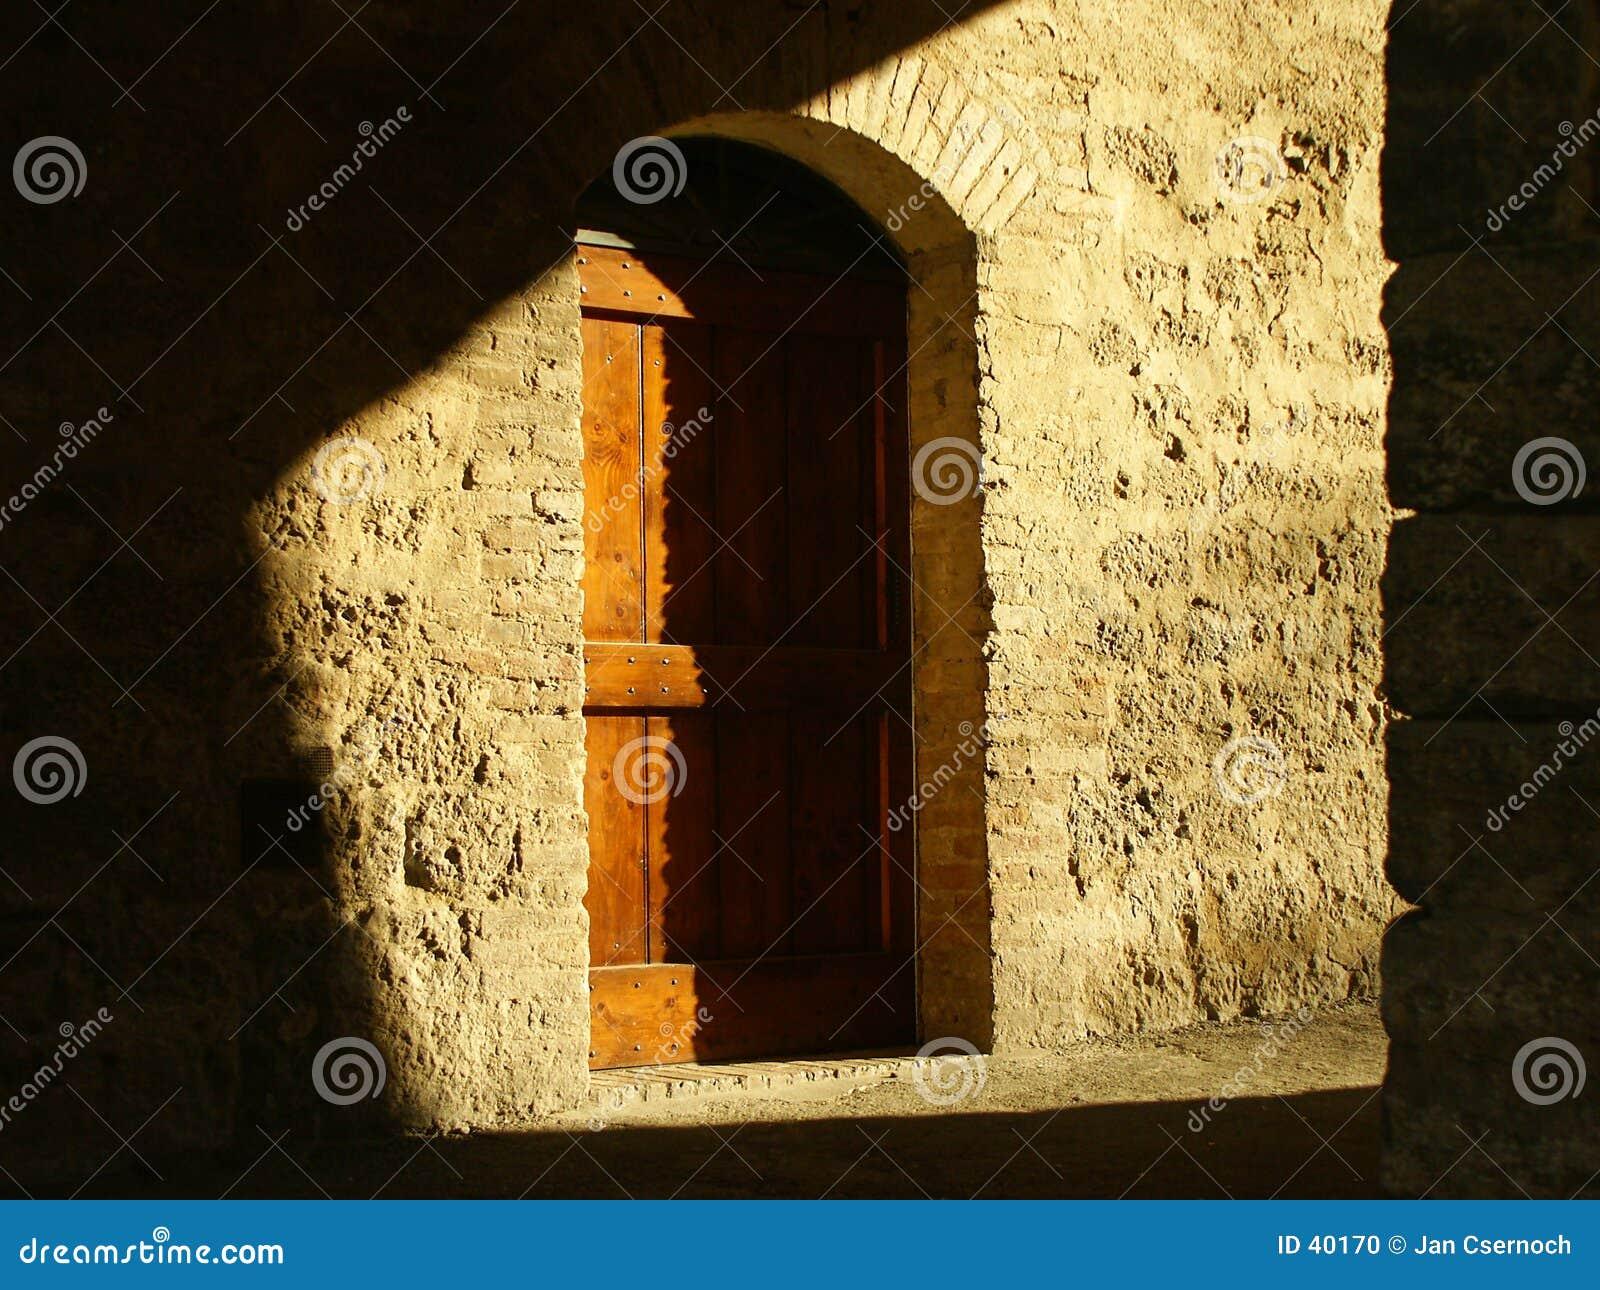 Download Cień drzwi zdjęcie stock. Obraz złożonej z włoch, cienie - 40170